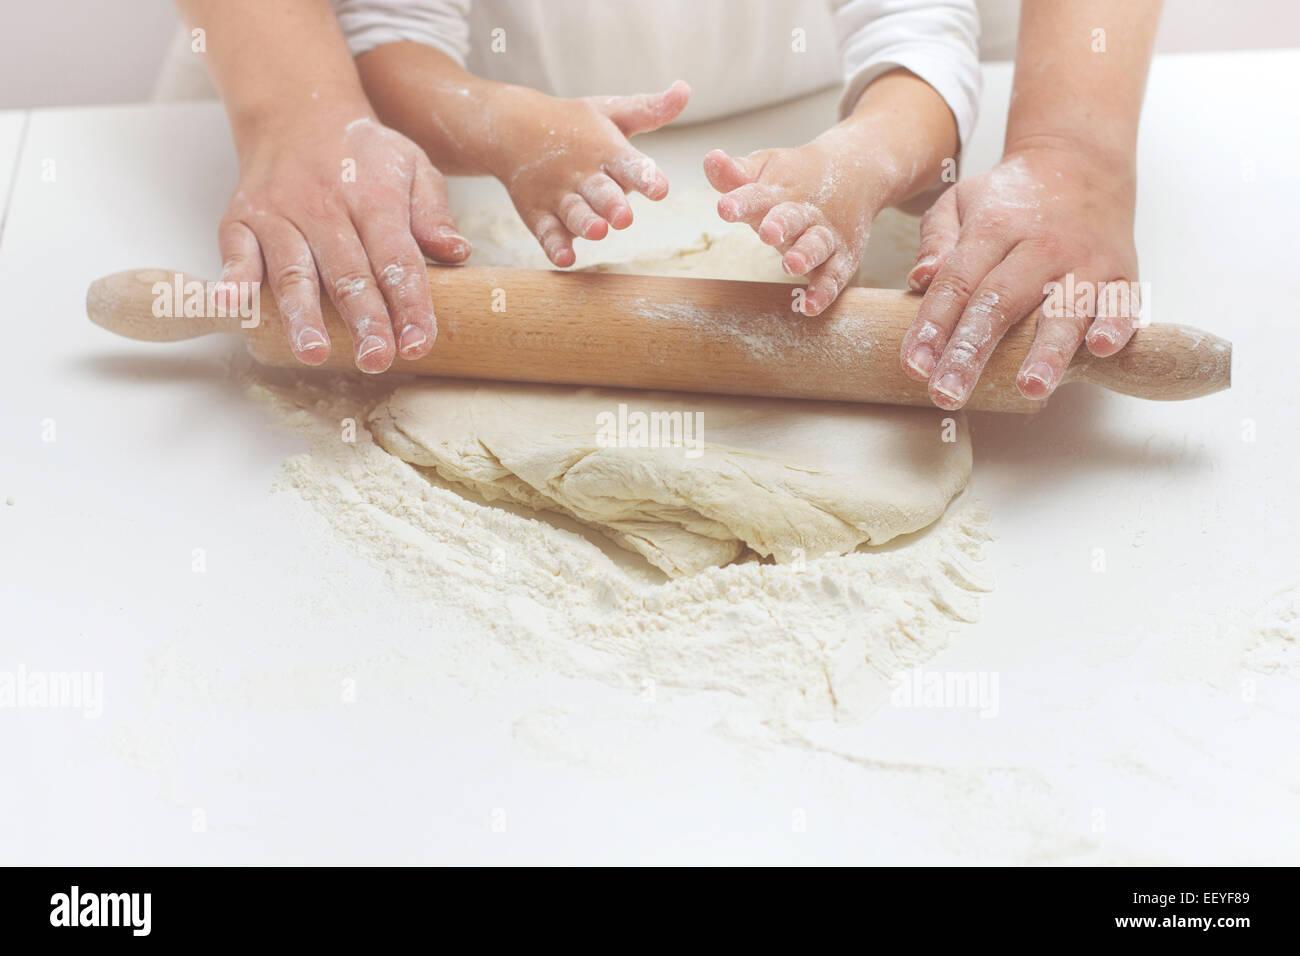 Madre e figlia mani gli impasti sulla tavola. Immagini Stock